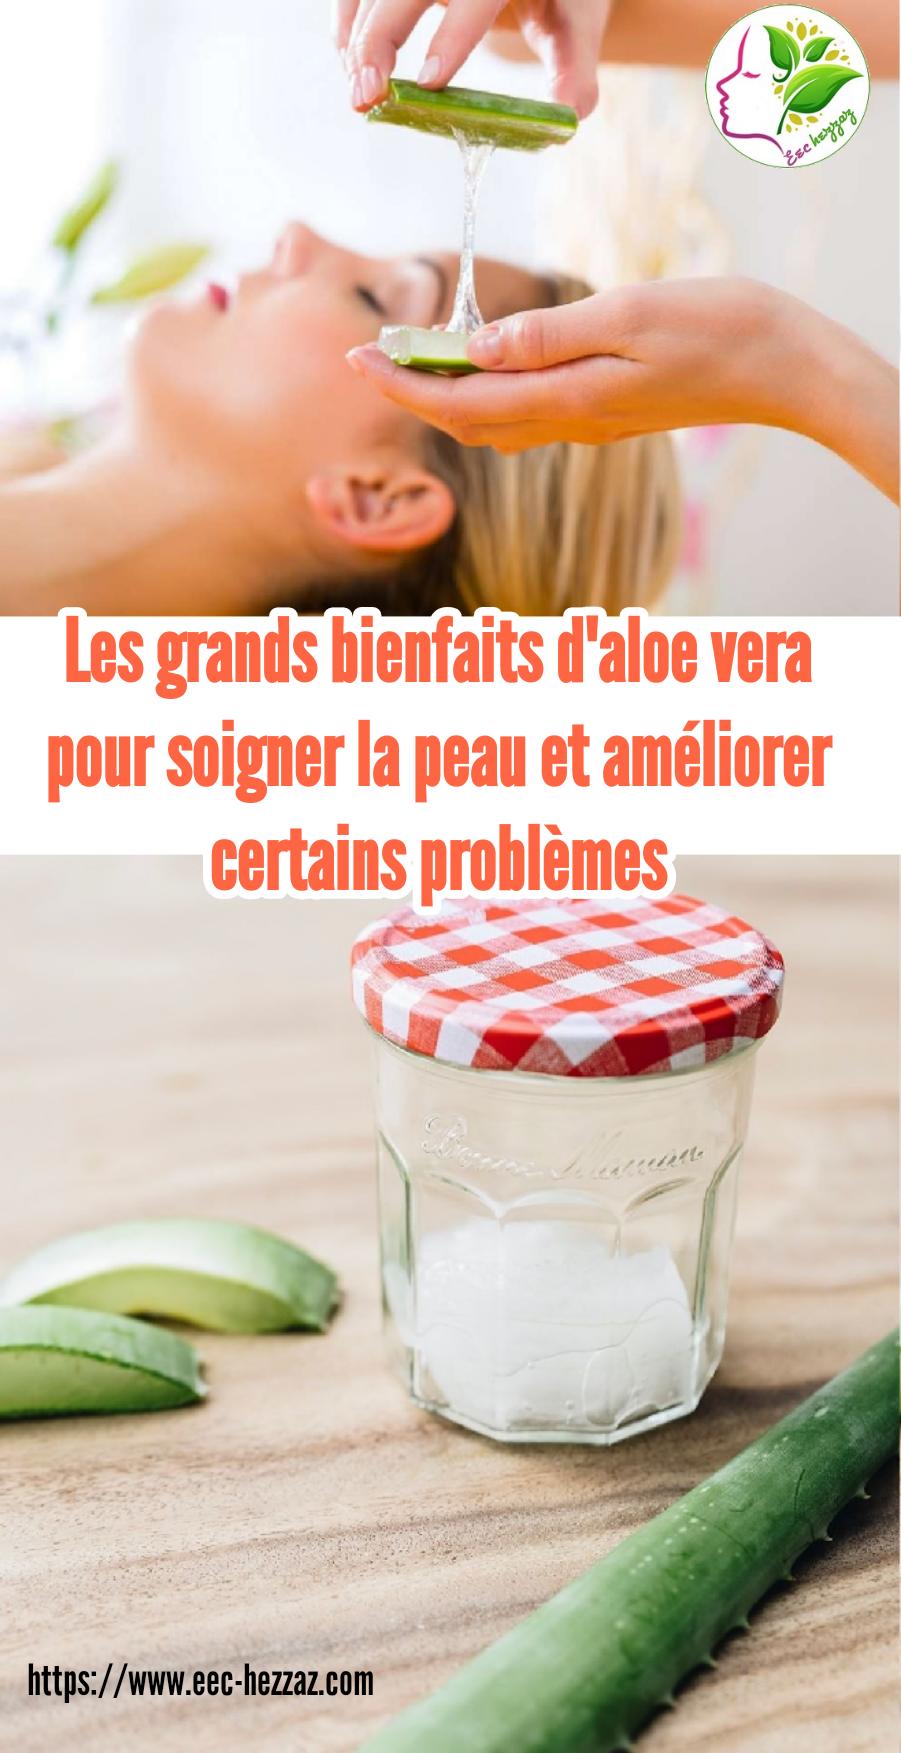 Les grands bienfaits d'aloe vera pour soigner la peau et améliorer certains problèmes